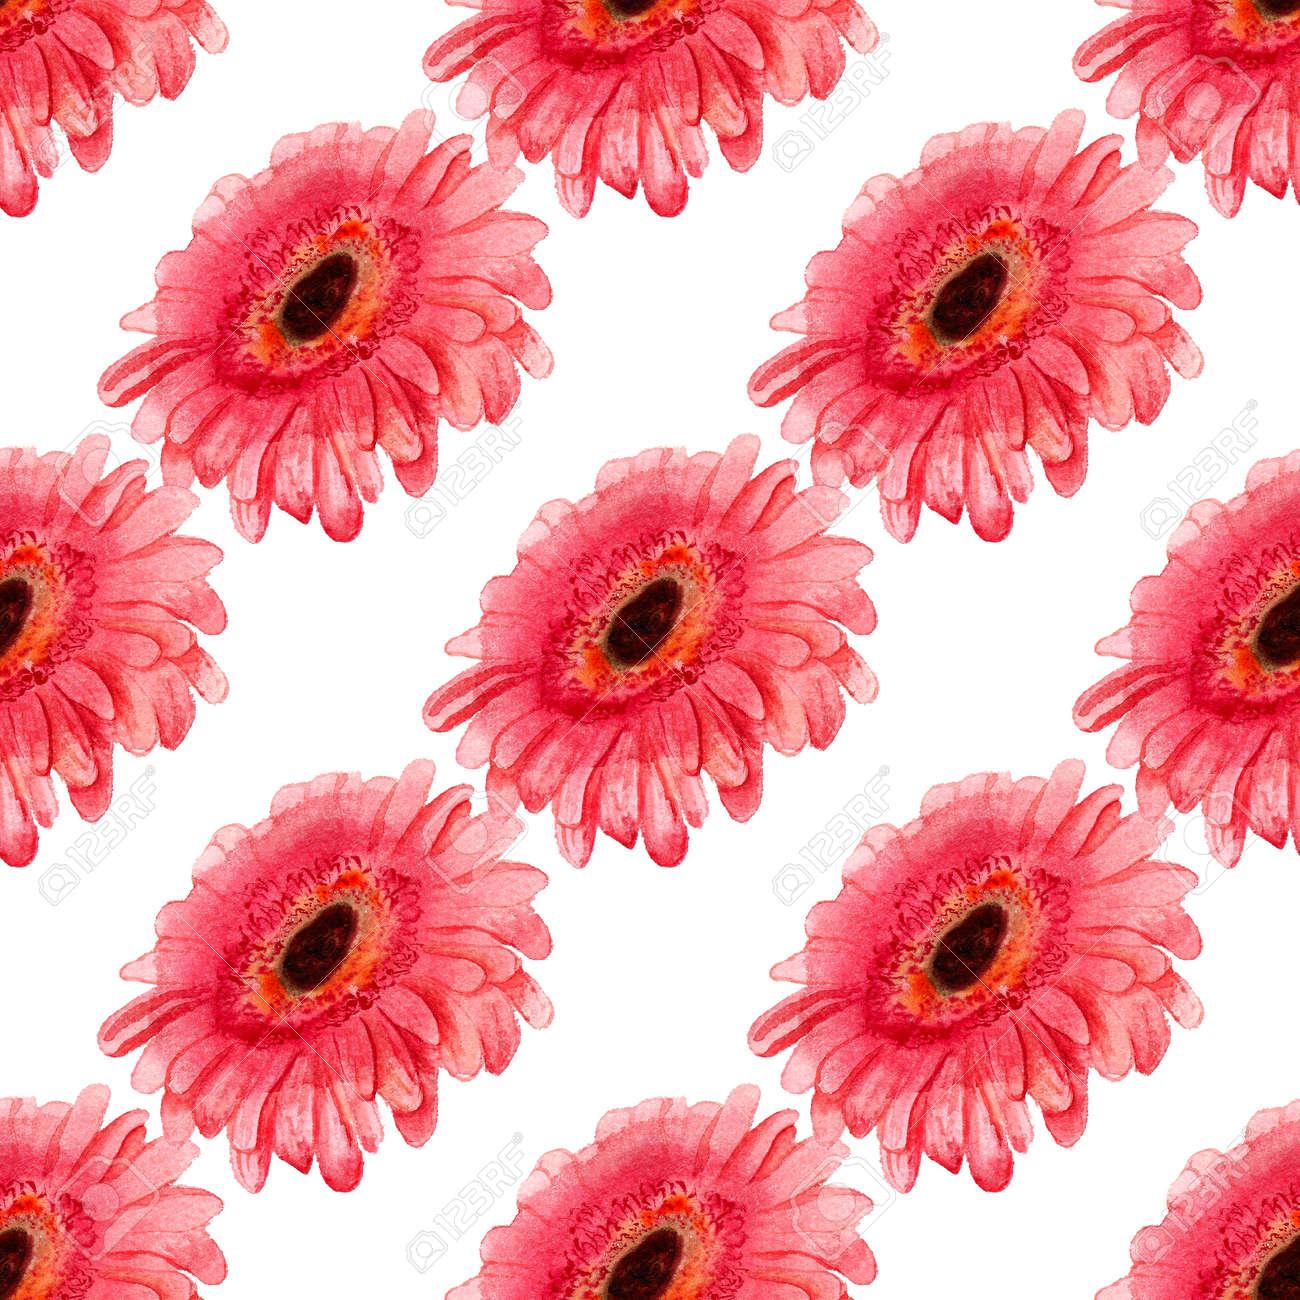 ガーベラの花の水彩画のイメージとのシームレスなパターン